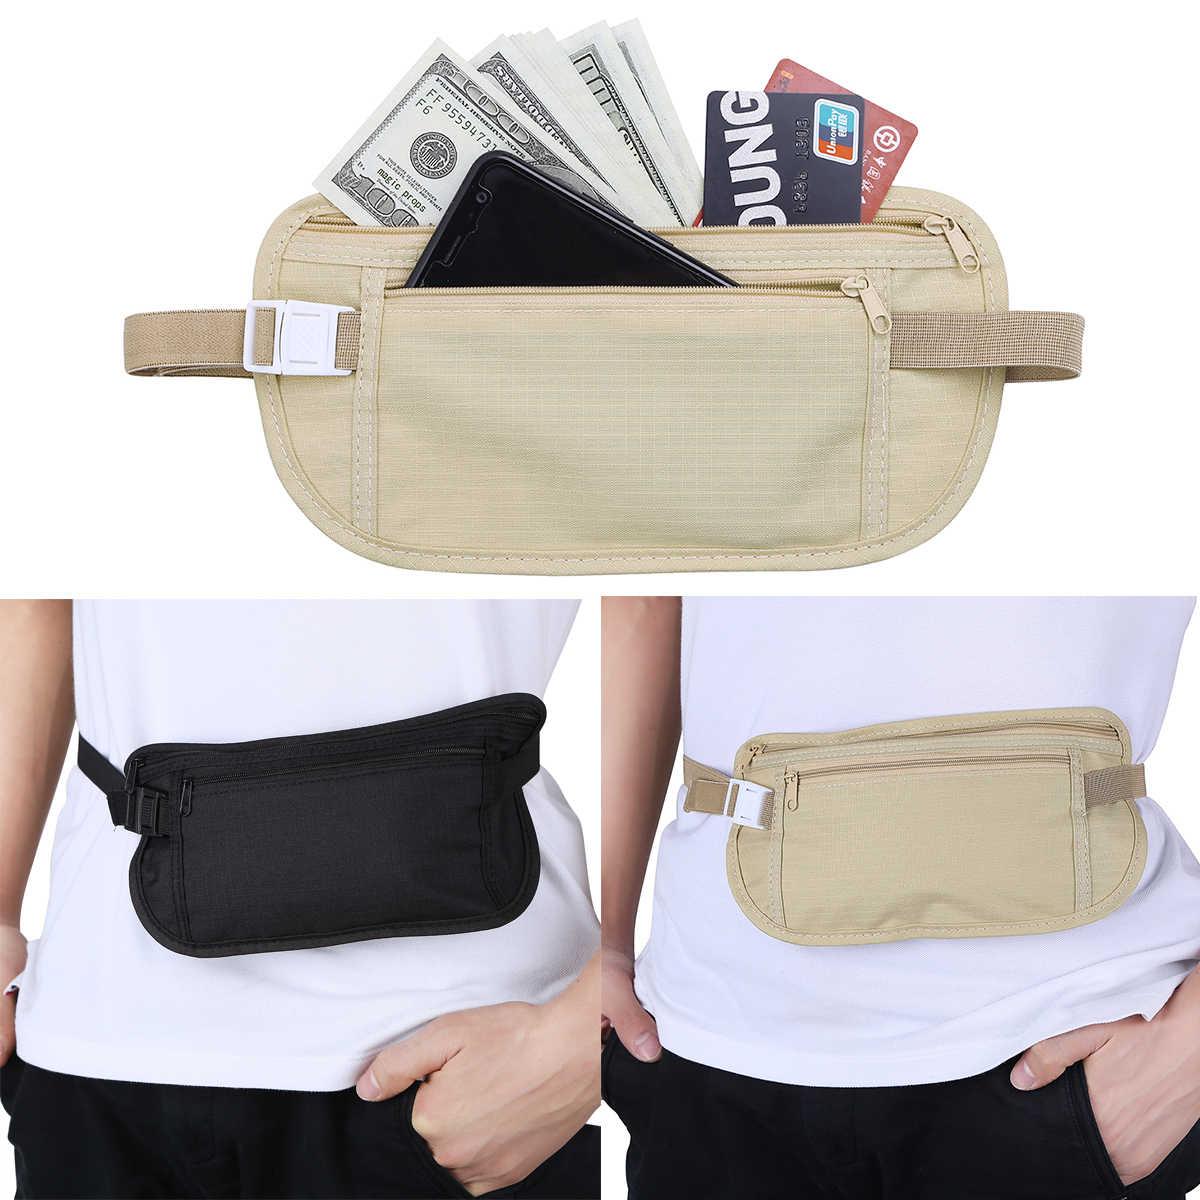 83faec25de7 Bolso de cintura de viaje para hombre y mujer con bolsillo interior con cremallera  para dinero